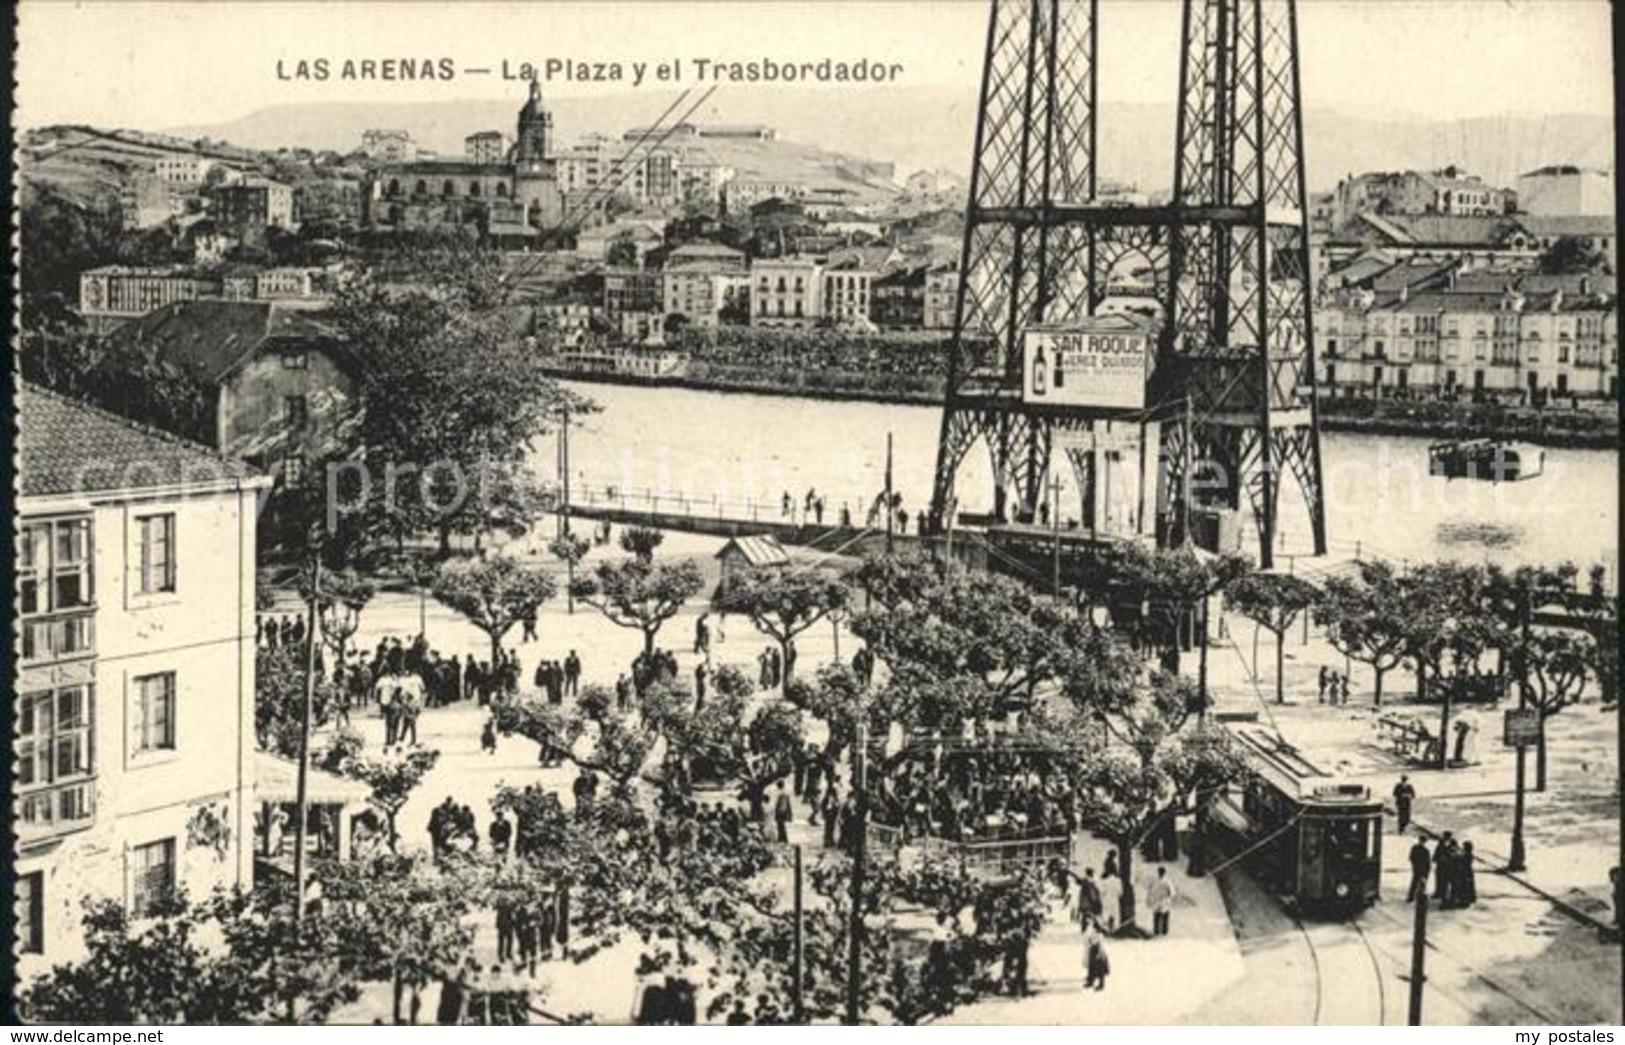 11717936 Las Arenas Plaza Y El Trasbordador Spanien - Espagne